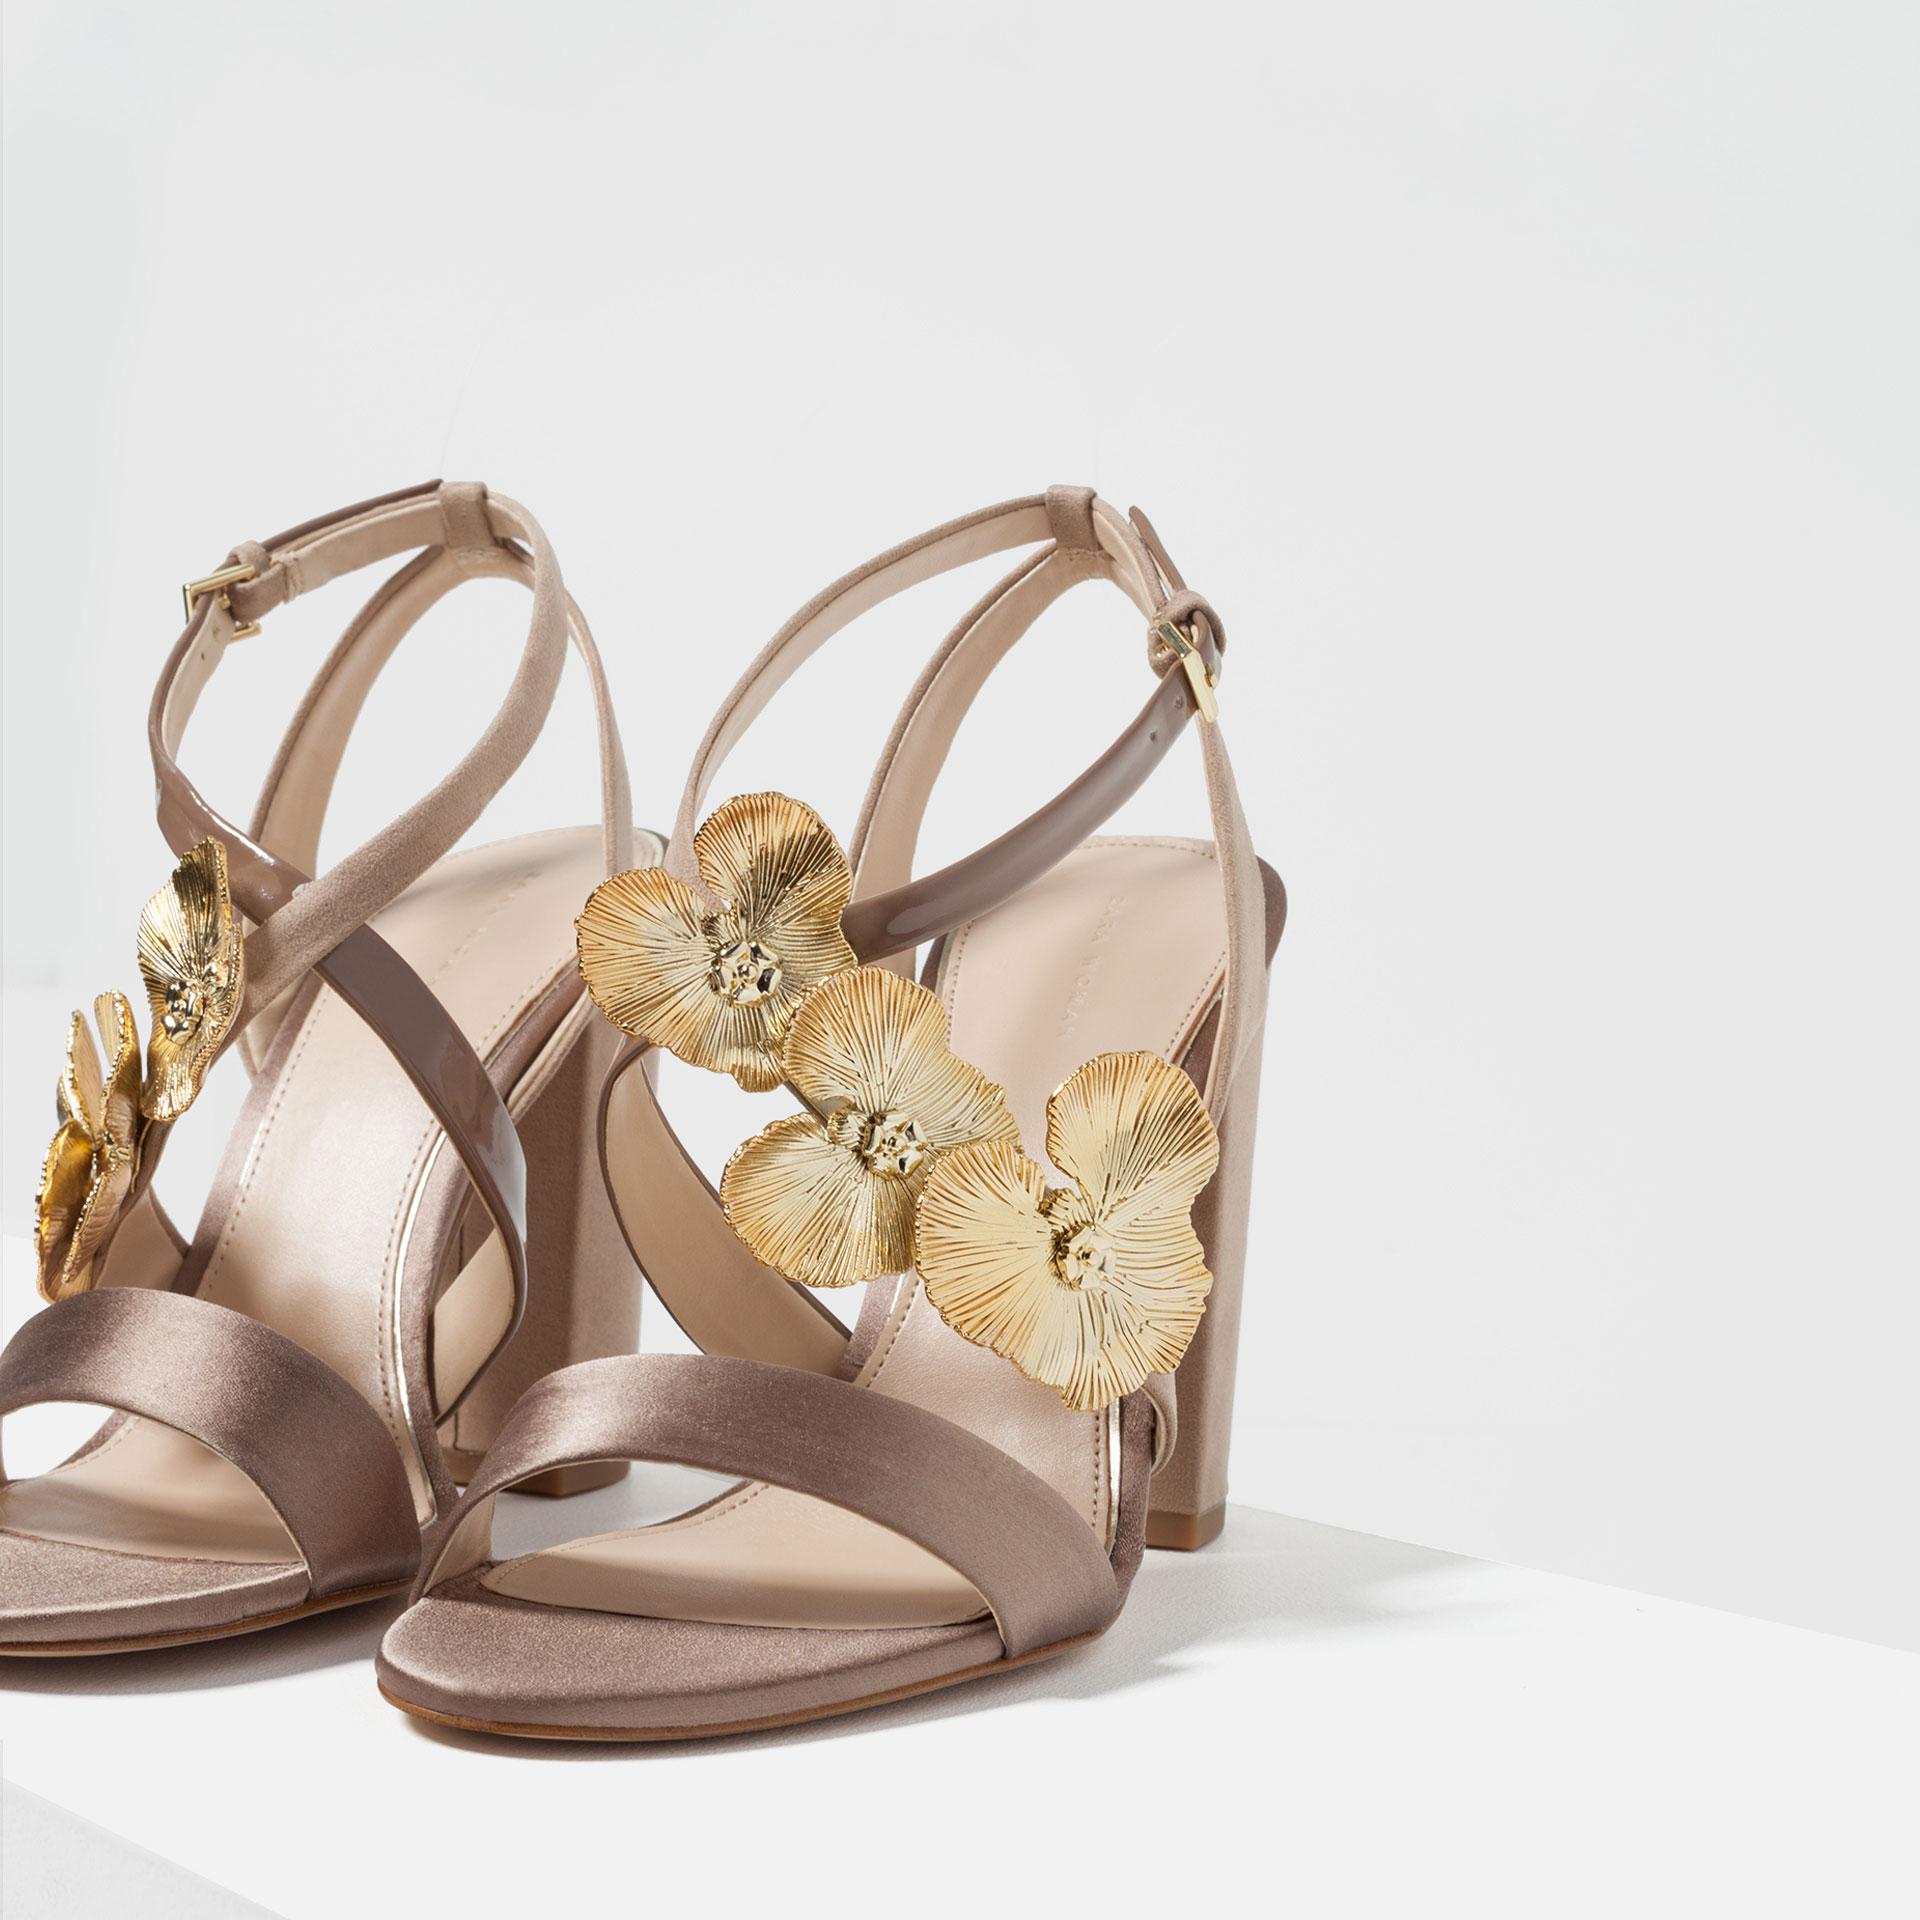 6 Farklı Tarz ile Sandaletler feminen